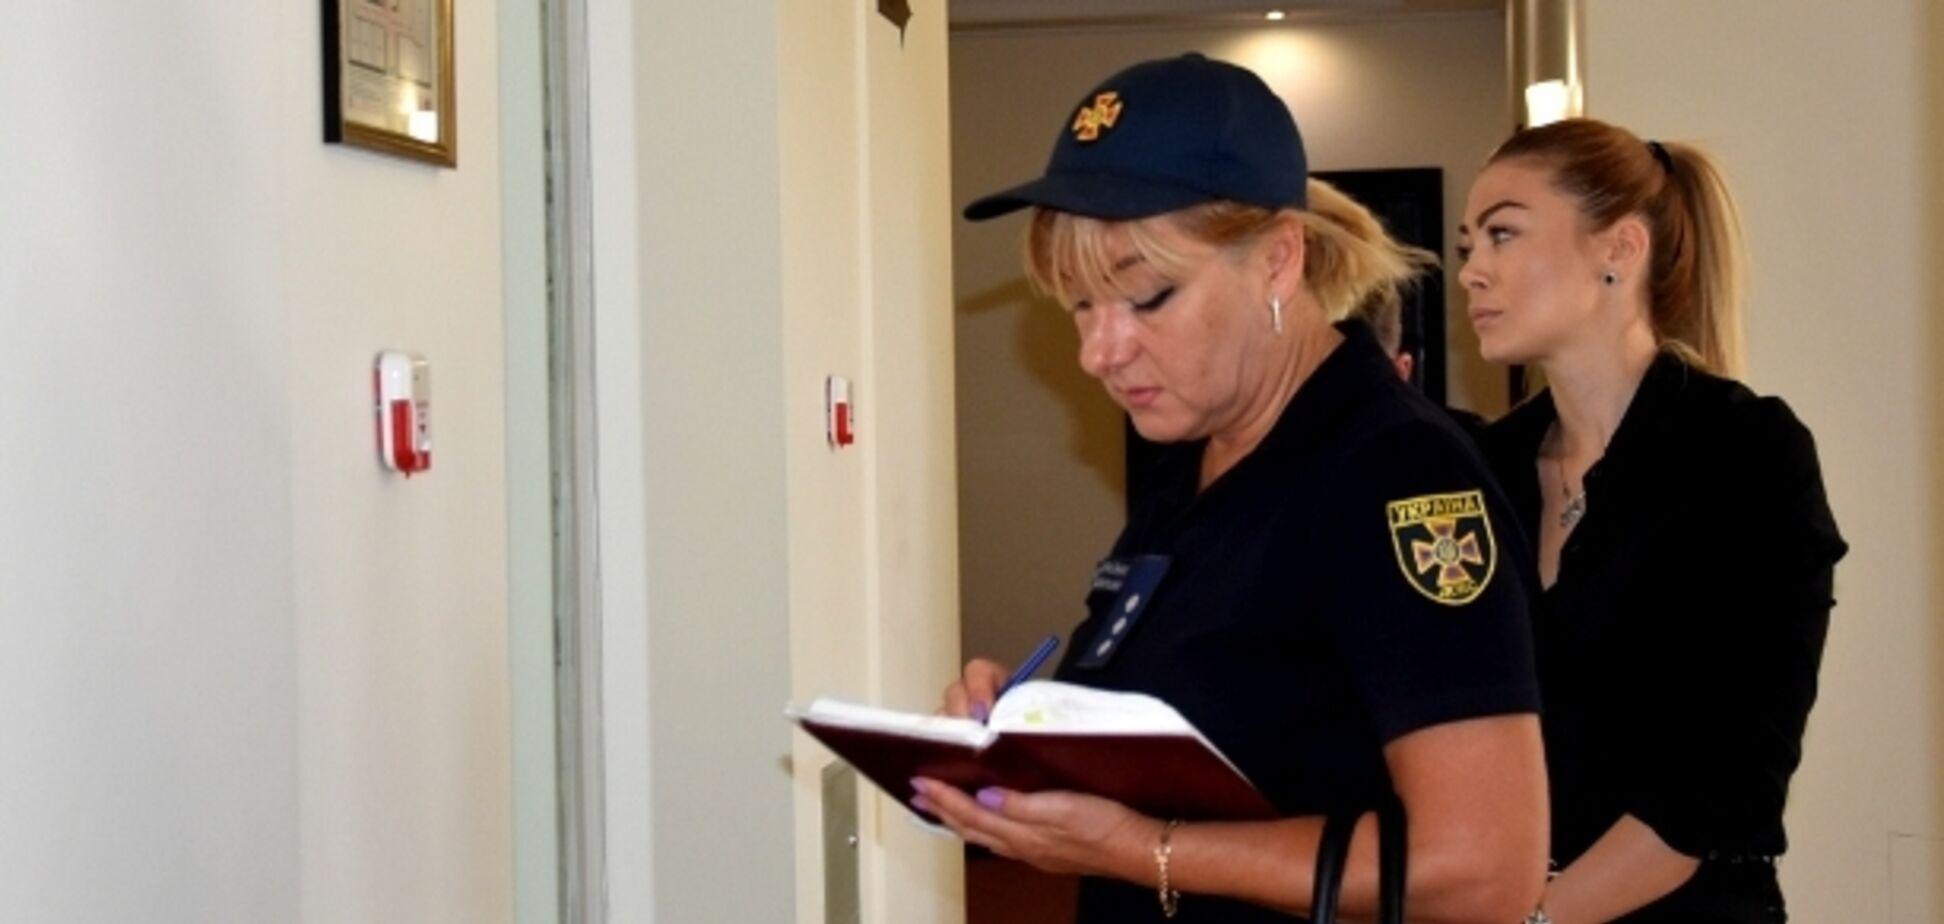 У Дніпрі масово перевіряють готелі і санаторії: що сталося